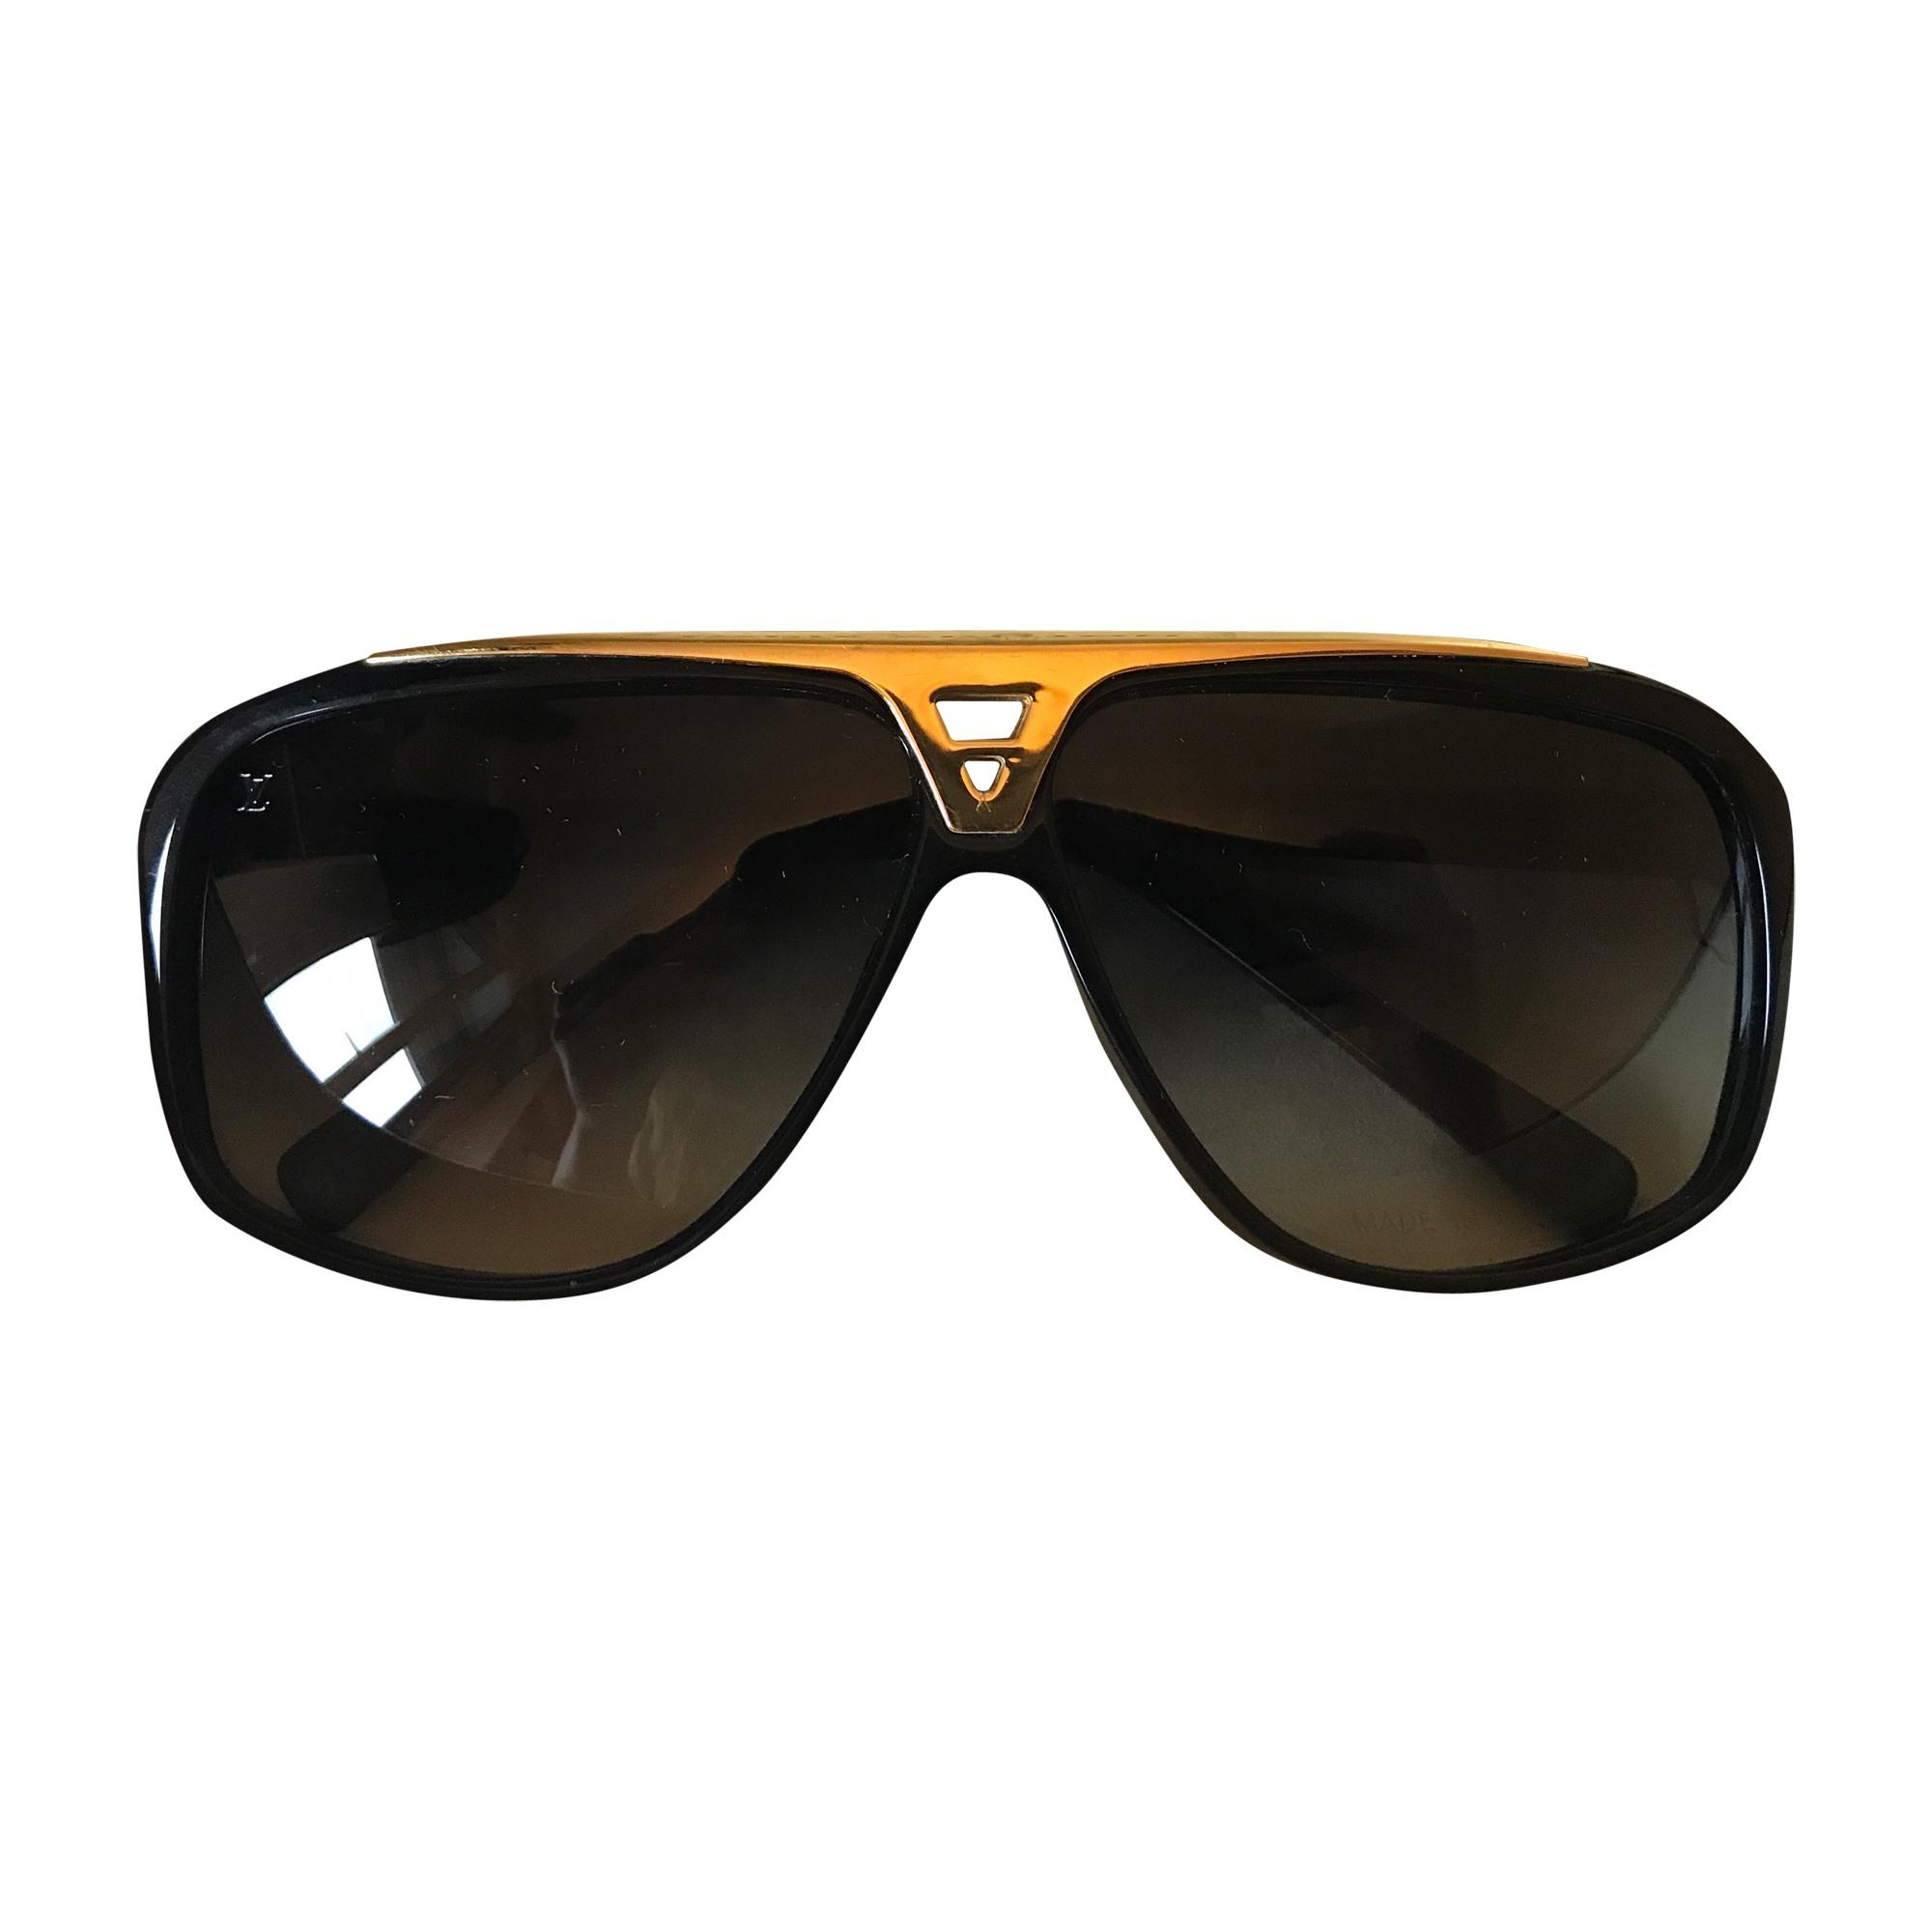 9350d5f03e Lunettes de soleil LOUIS VUITTON noir vendu par Bapt16 - 6602641